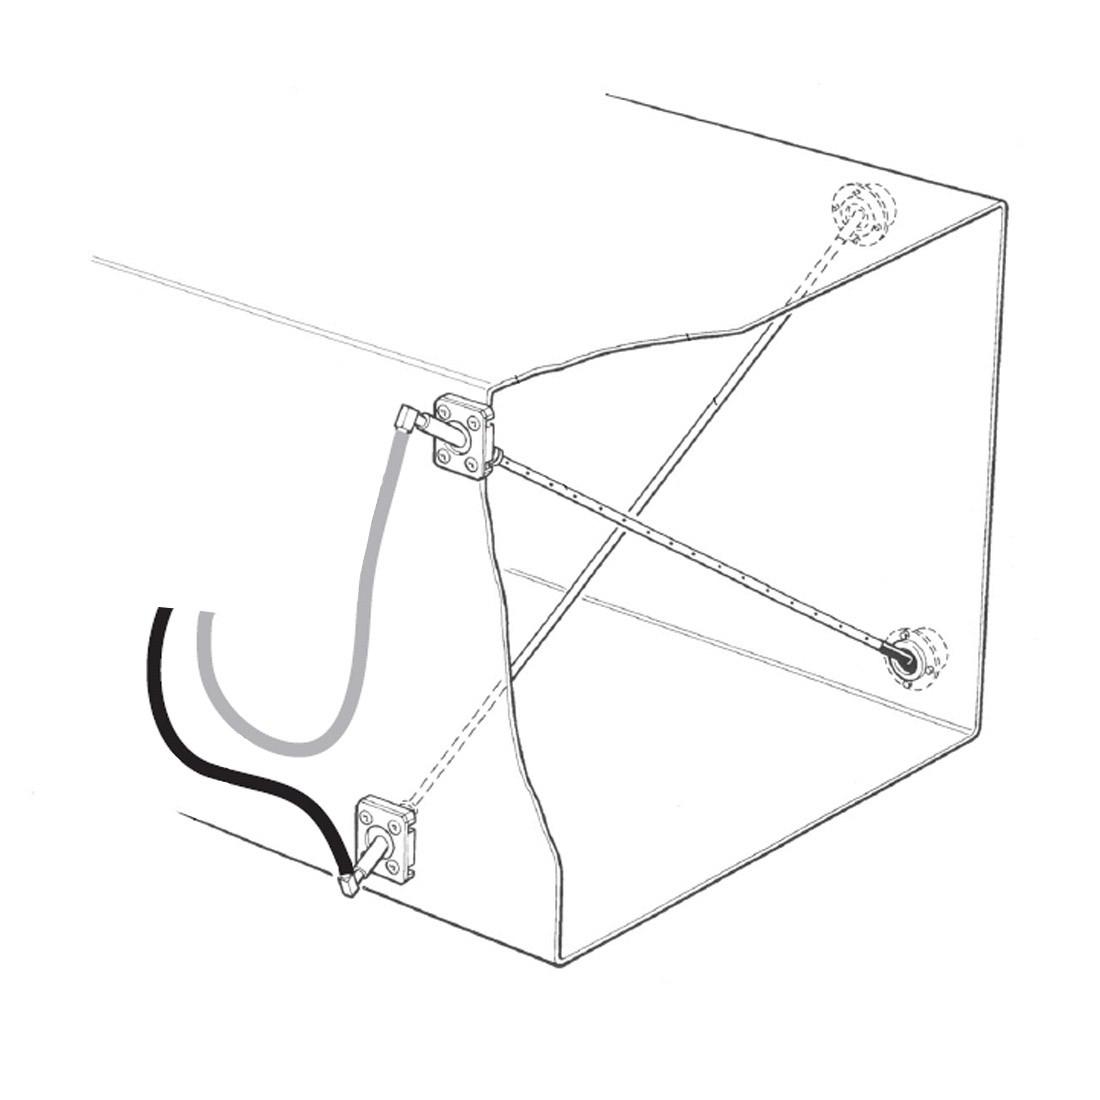 Messkreuz aus Edelstahl - für stationäre Volumenstrommessung